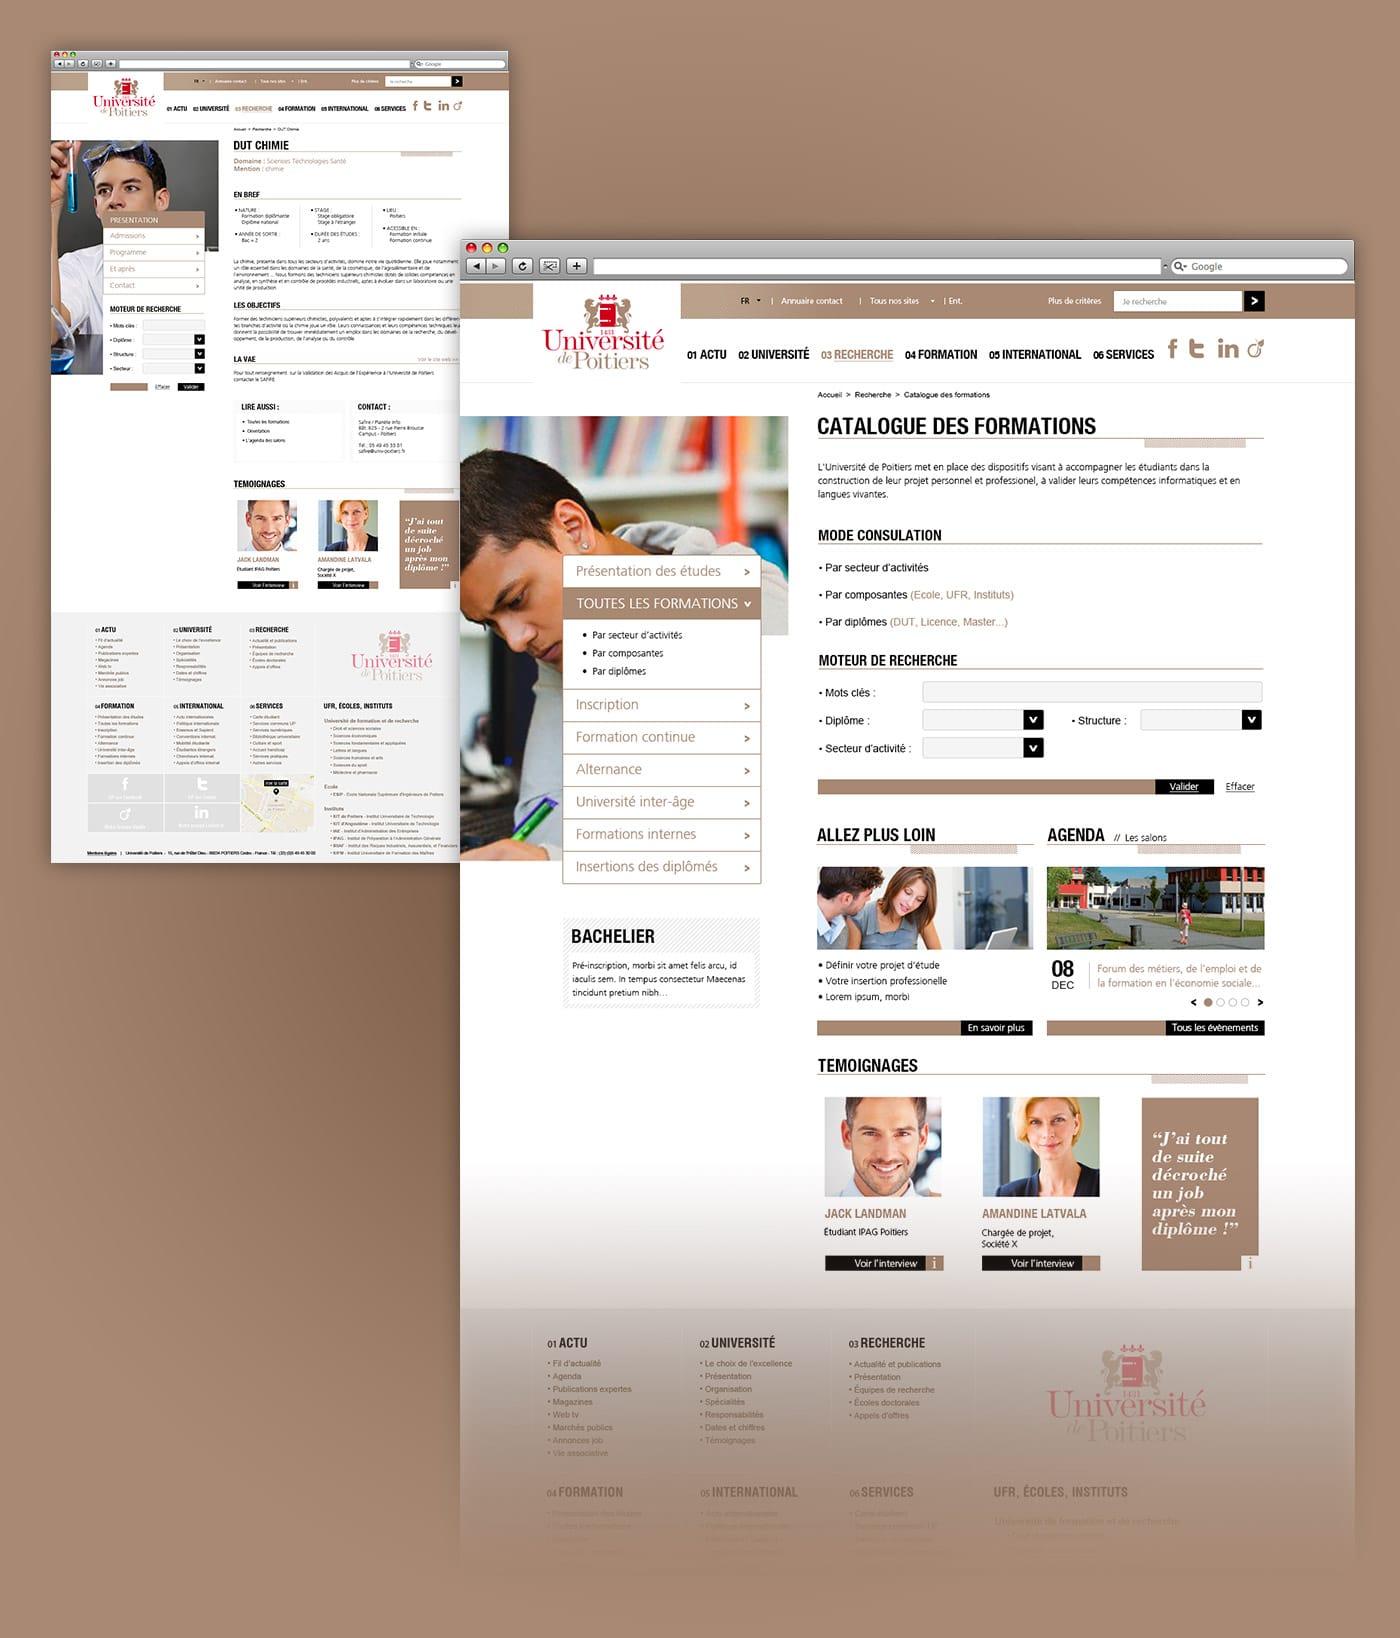 Webdesign de la homepage de l'université de poitiers